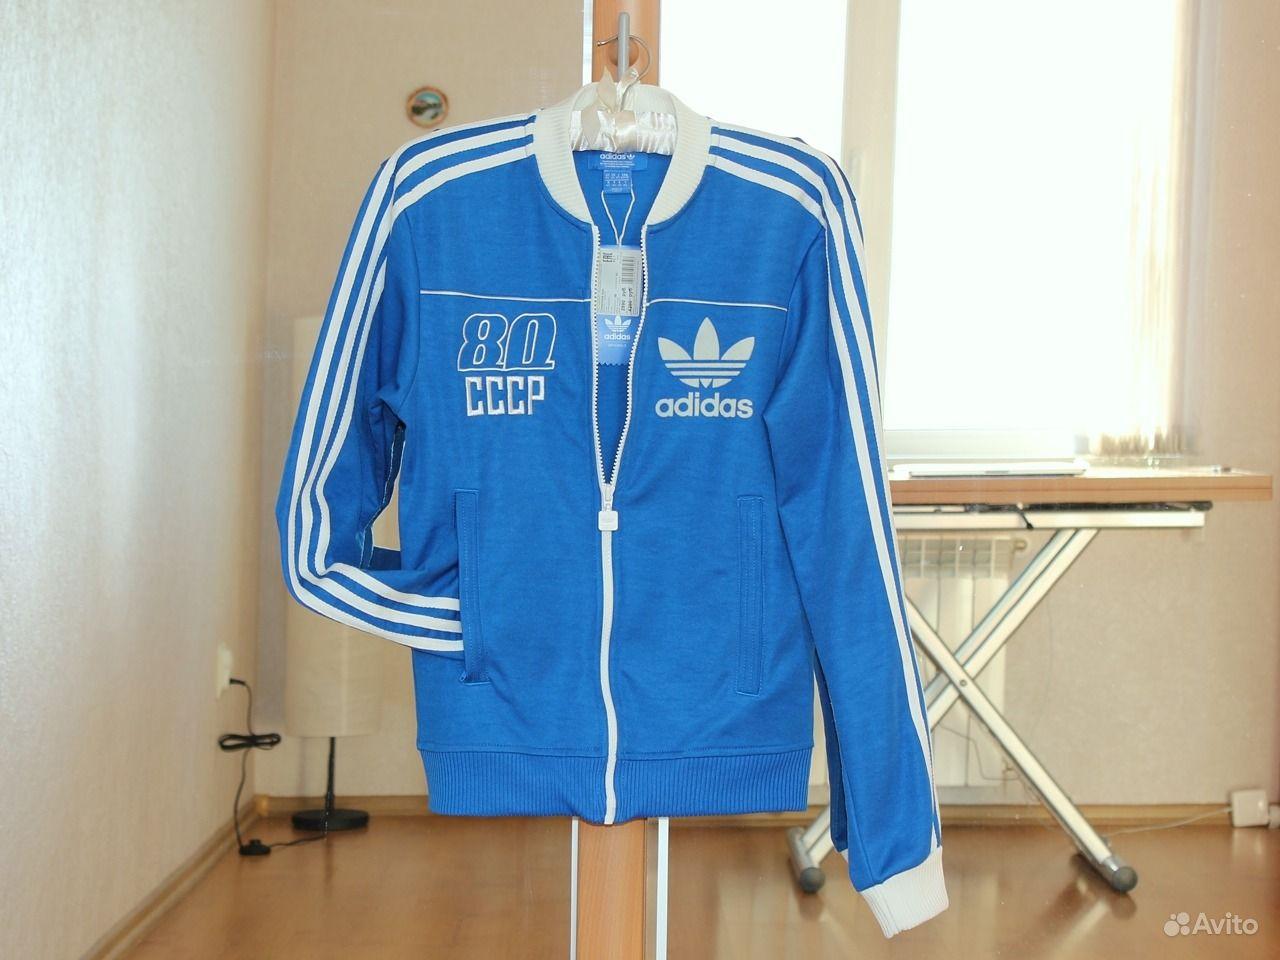 84931650 Олимпийки адидас 80 ссср. Adidas Originals B88275 S80 S Компания.